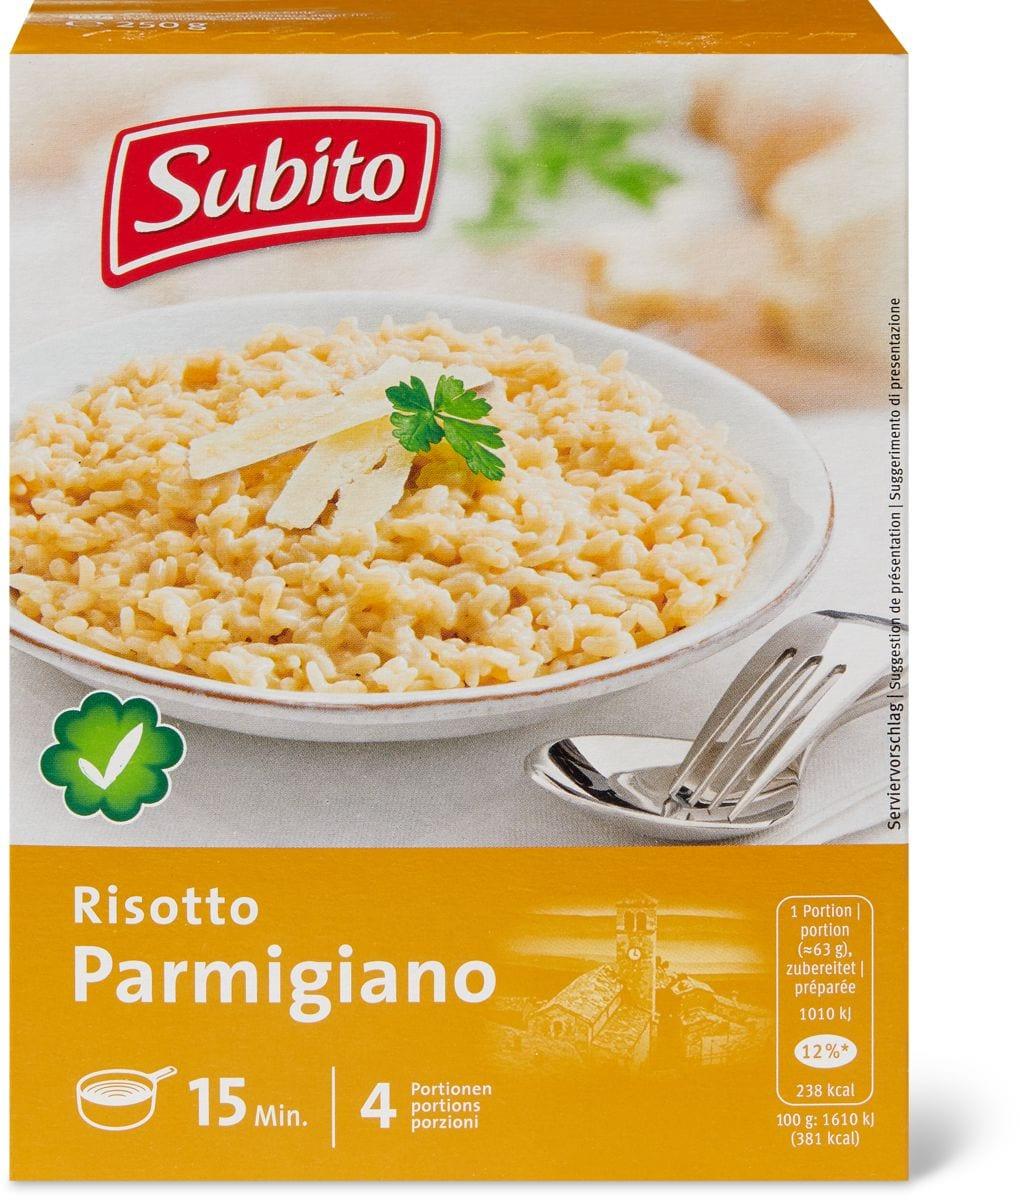 Subito Risotto Parmigiano